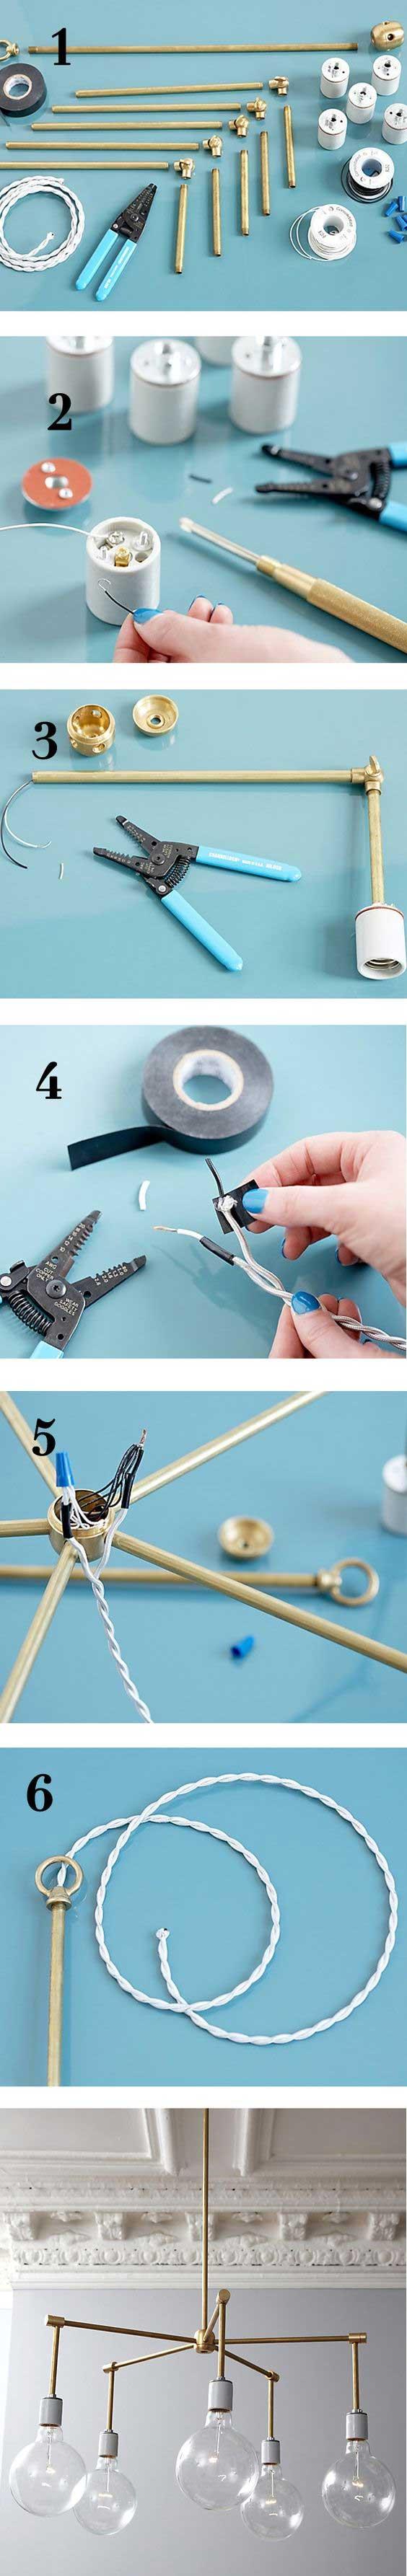 ایده ساخت لوستر با لوله های فلزی باریک